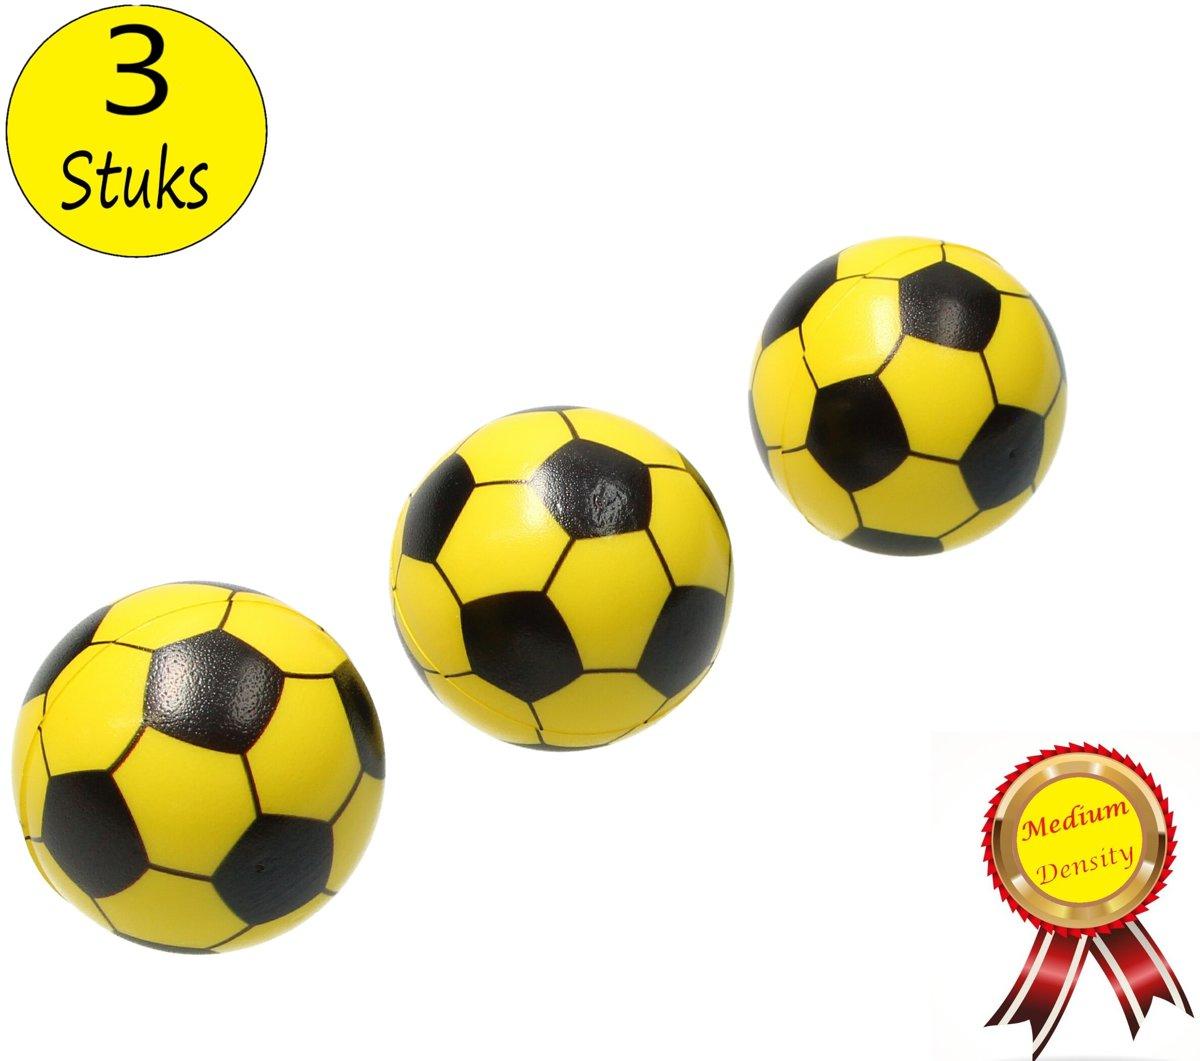 Stressbal Medium Density Voetbal 3 Stuks – Sensomotorische Stimulatie – Anti-Stress – Geel